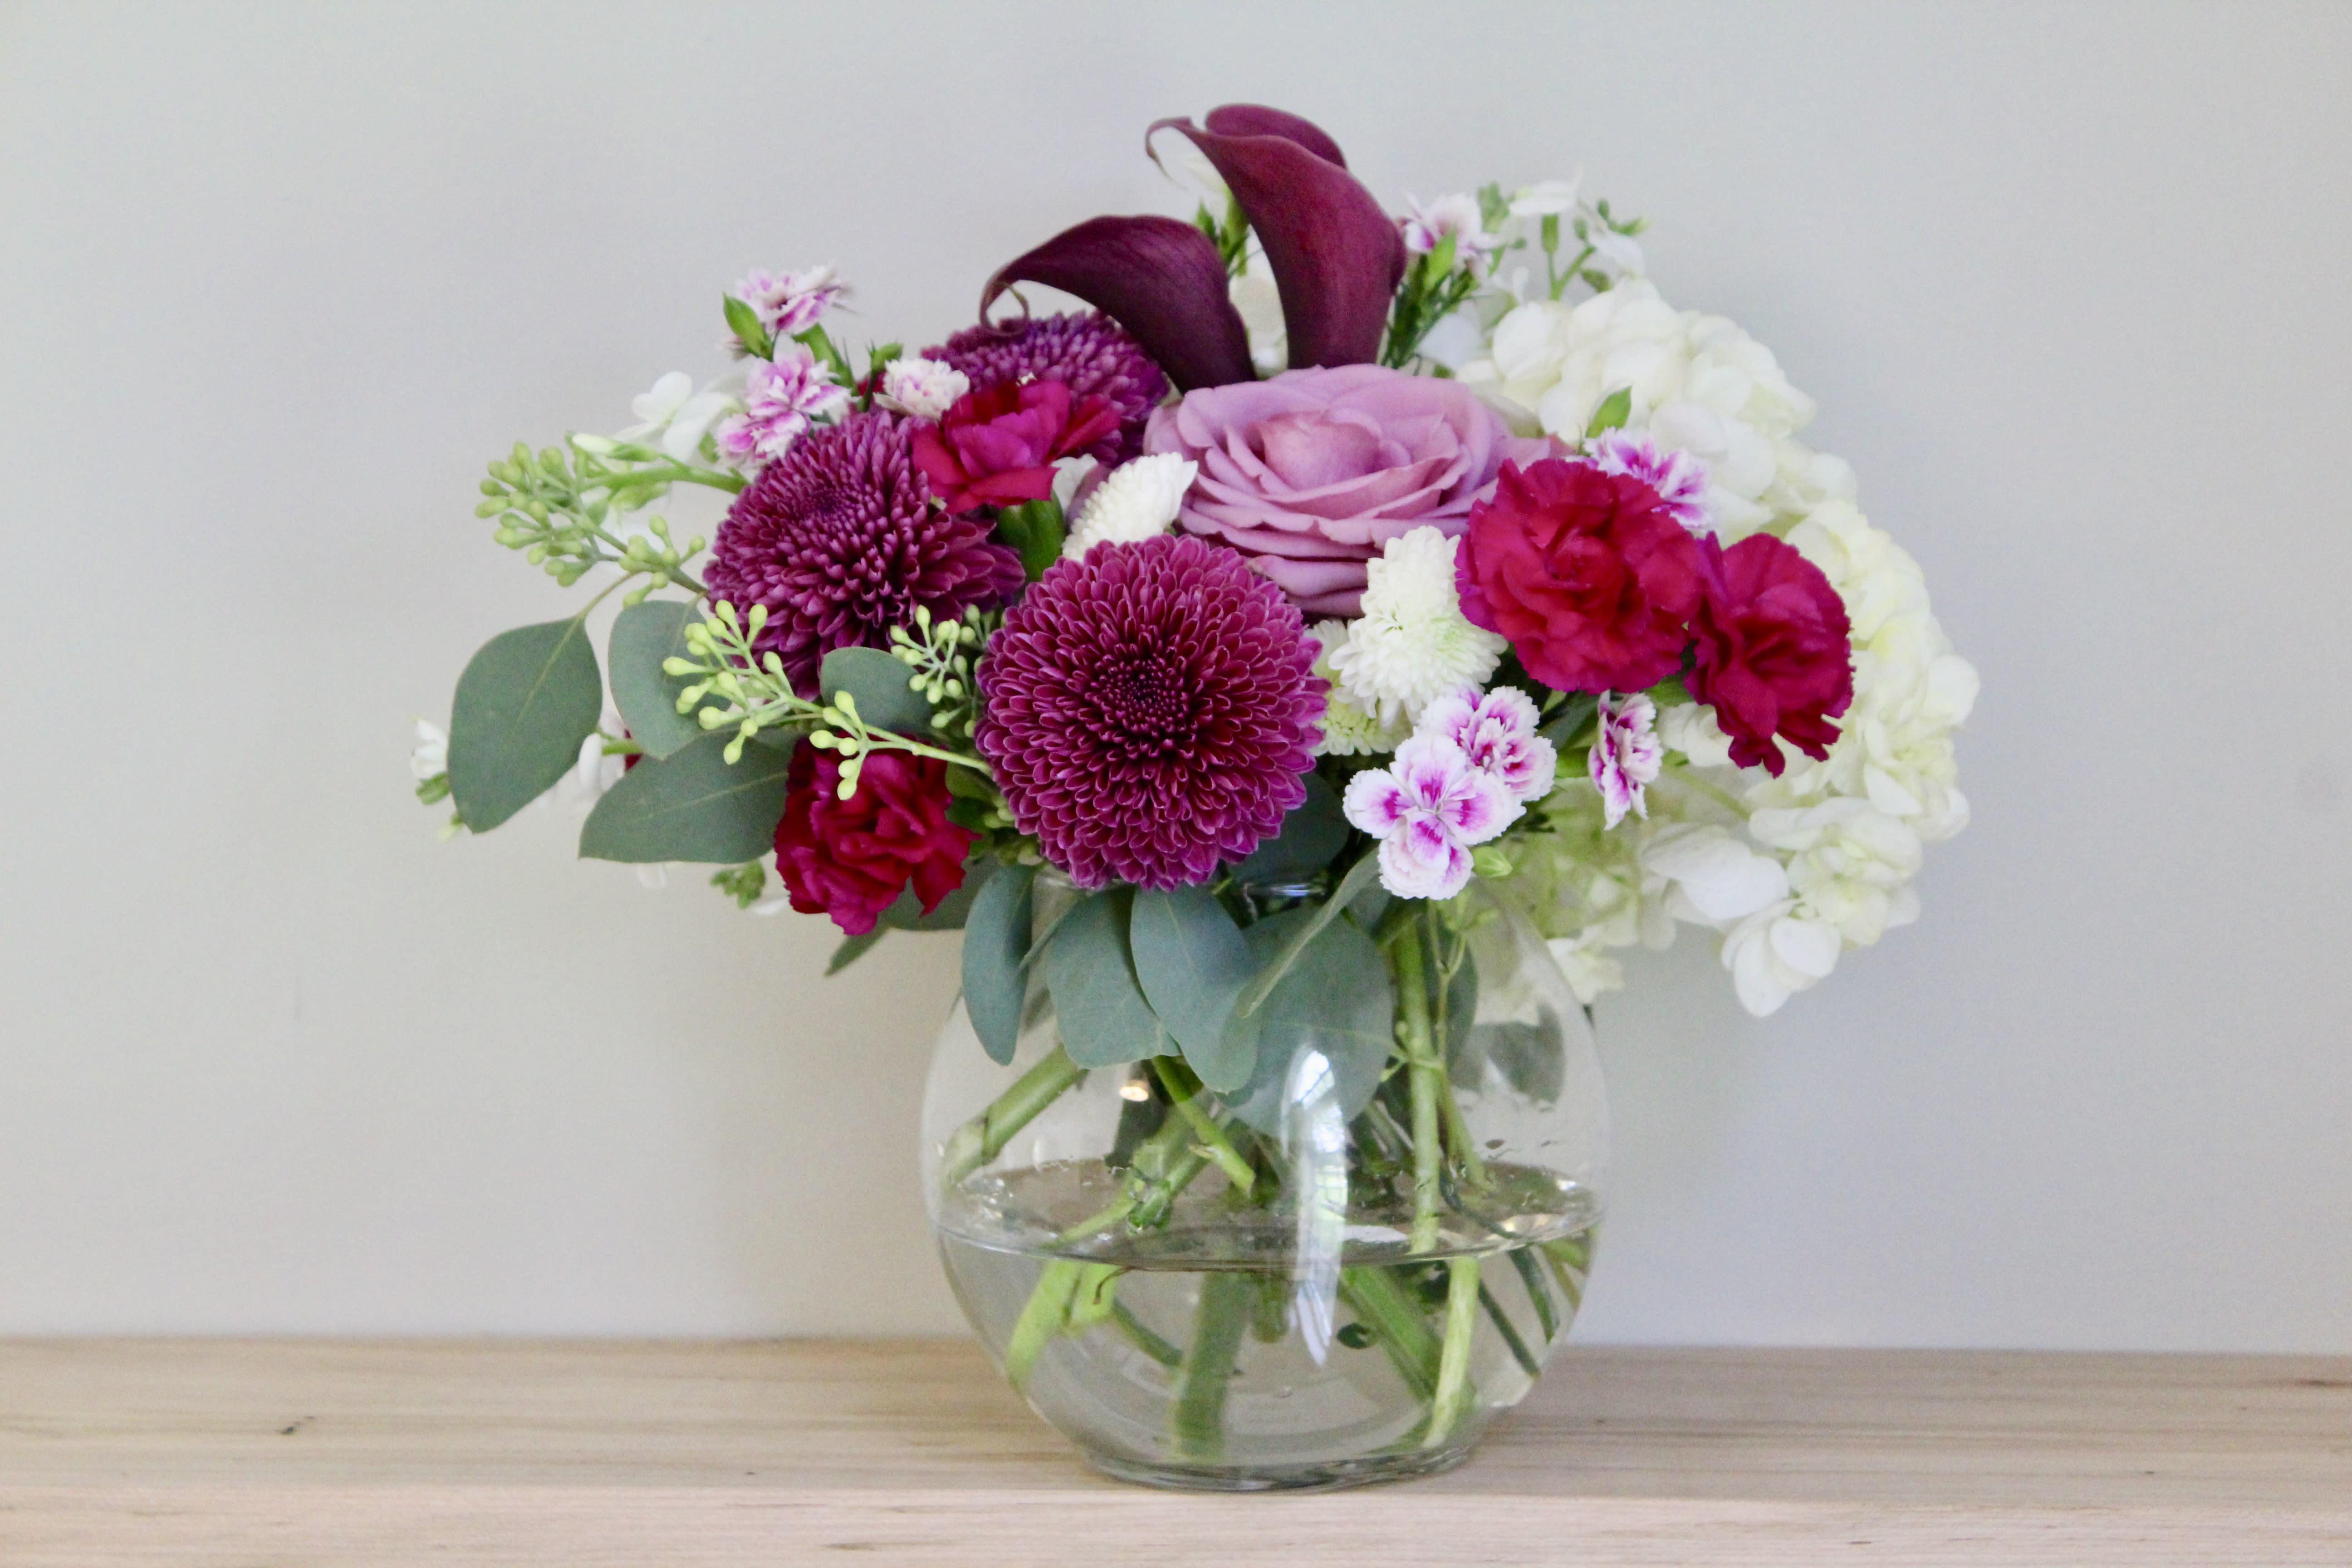 Jamberry Arrangement In Glass Vase In Charlottesville Va Oakwynn Floral Design